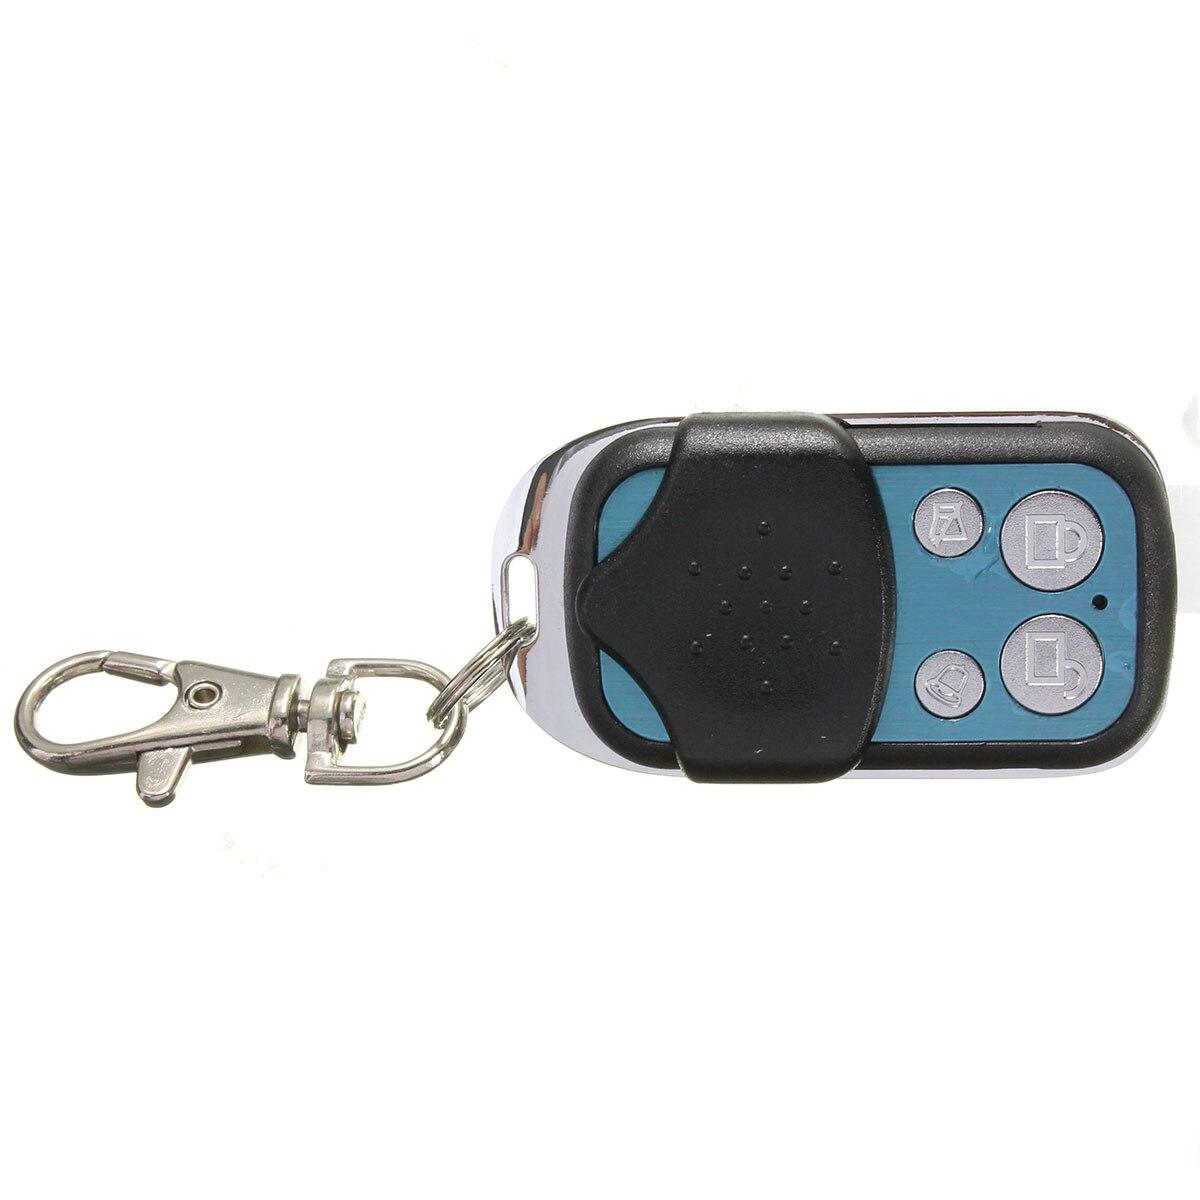 1 Set systèmes d'alarme voiture Auto Kit Central à distance serrure de porte verrouillage véhicule sans clé système d'entrée avec télécommandes - 5